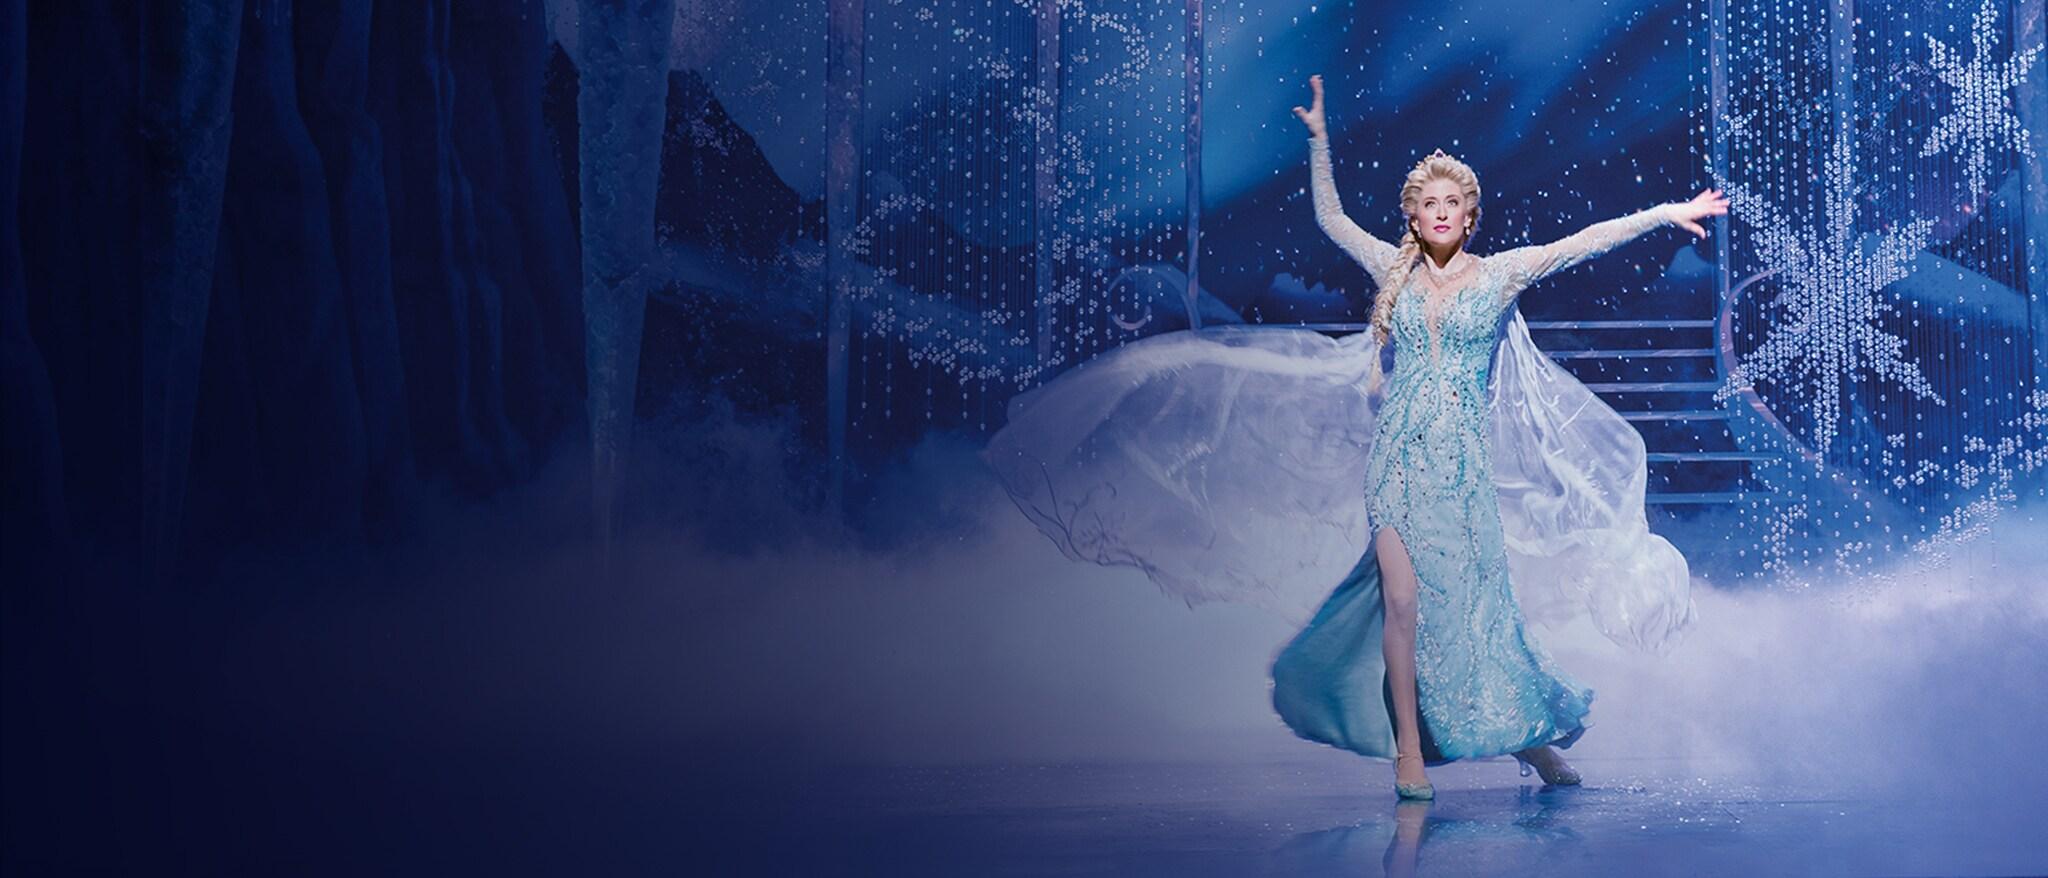 Frozen - Live Shows landing page - EMEA banner